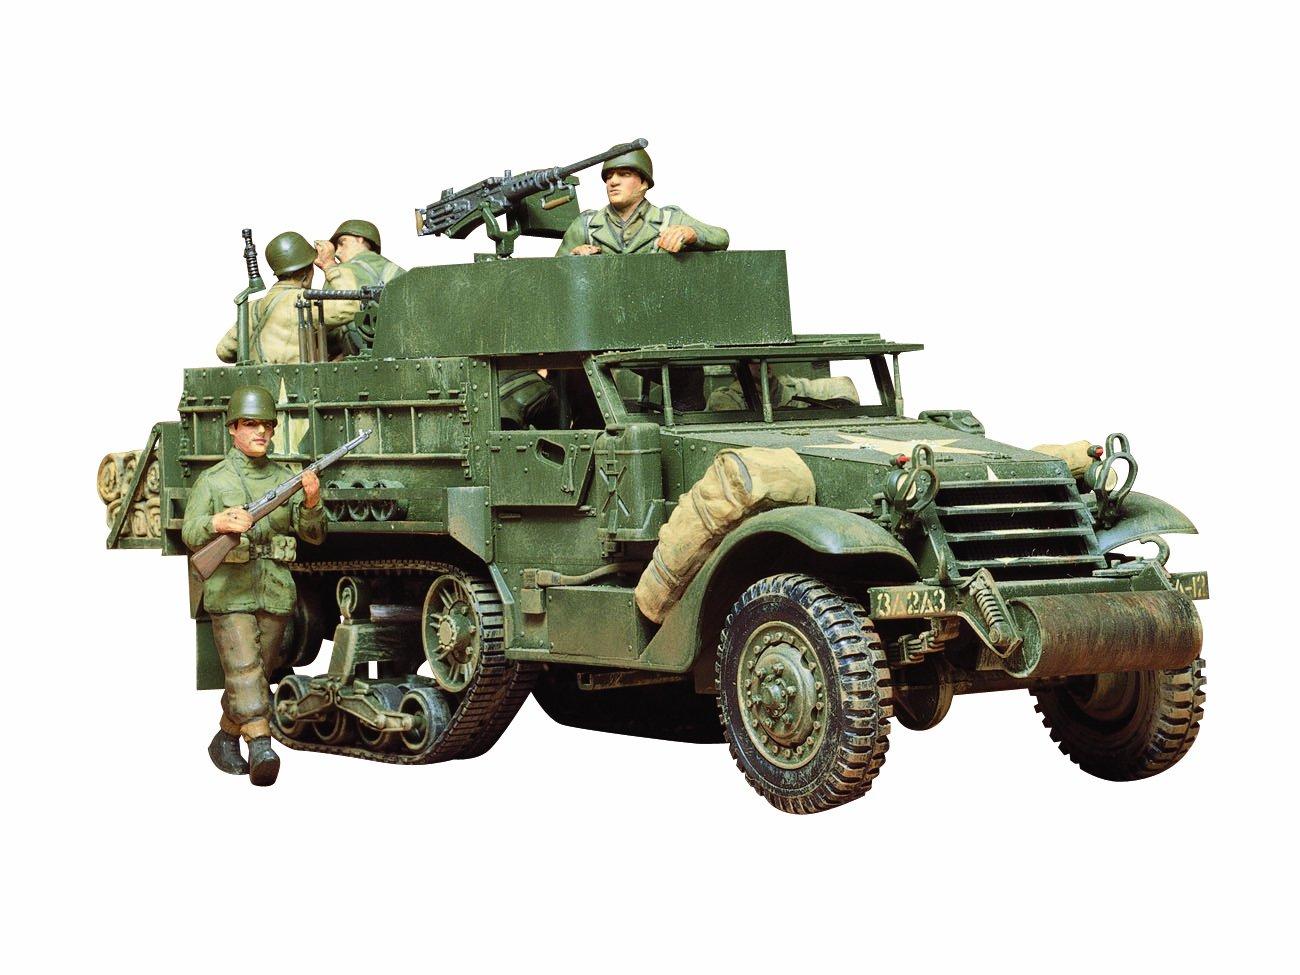 タミヤ アメリカ M3A2 パーソナルキャリヤー 35070 (1/35 ミリタリーミニチュアシリーズ No.70) B0006HNZWM